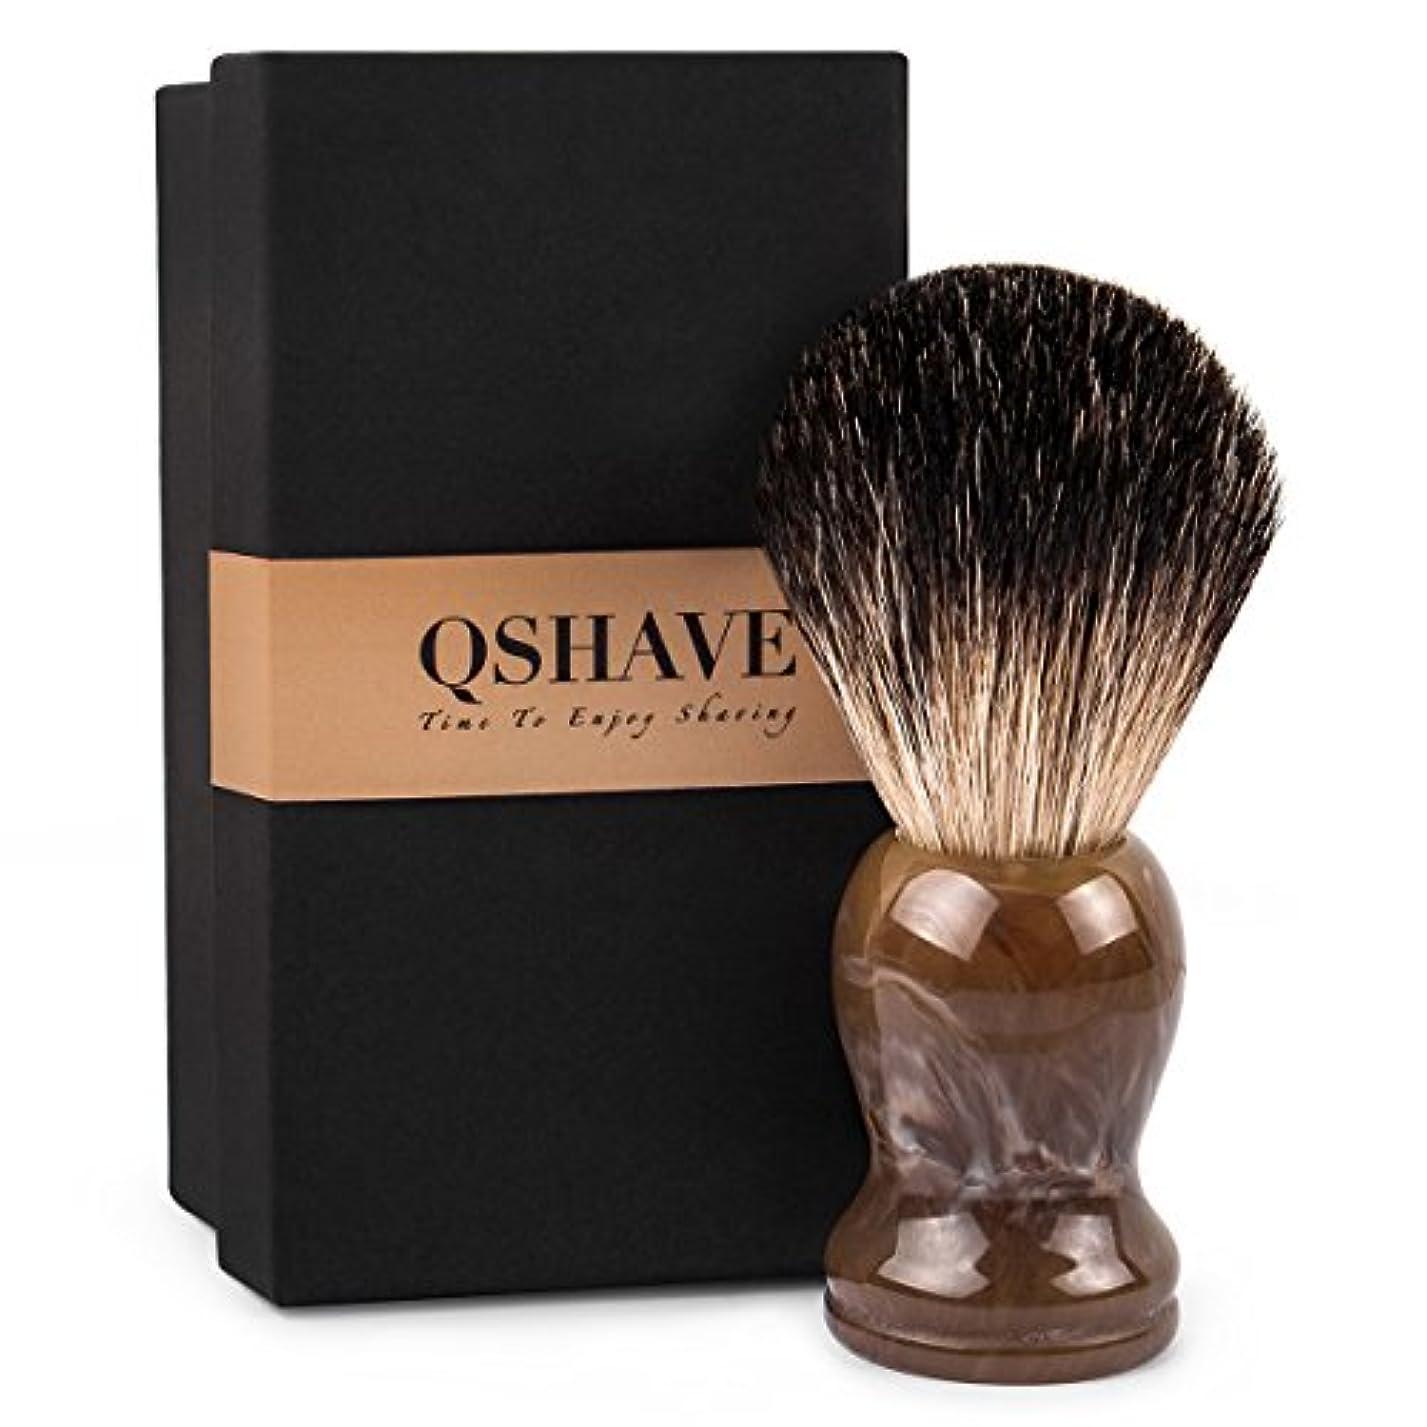 表現ゲージゲージQSHAVE 100%アナグマ毛 オリジナルハンドメイドシェービングブラシ。ウェットシェービング、安全カミソリ、両刃カミソリに最適